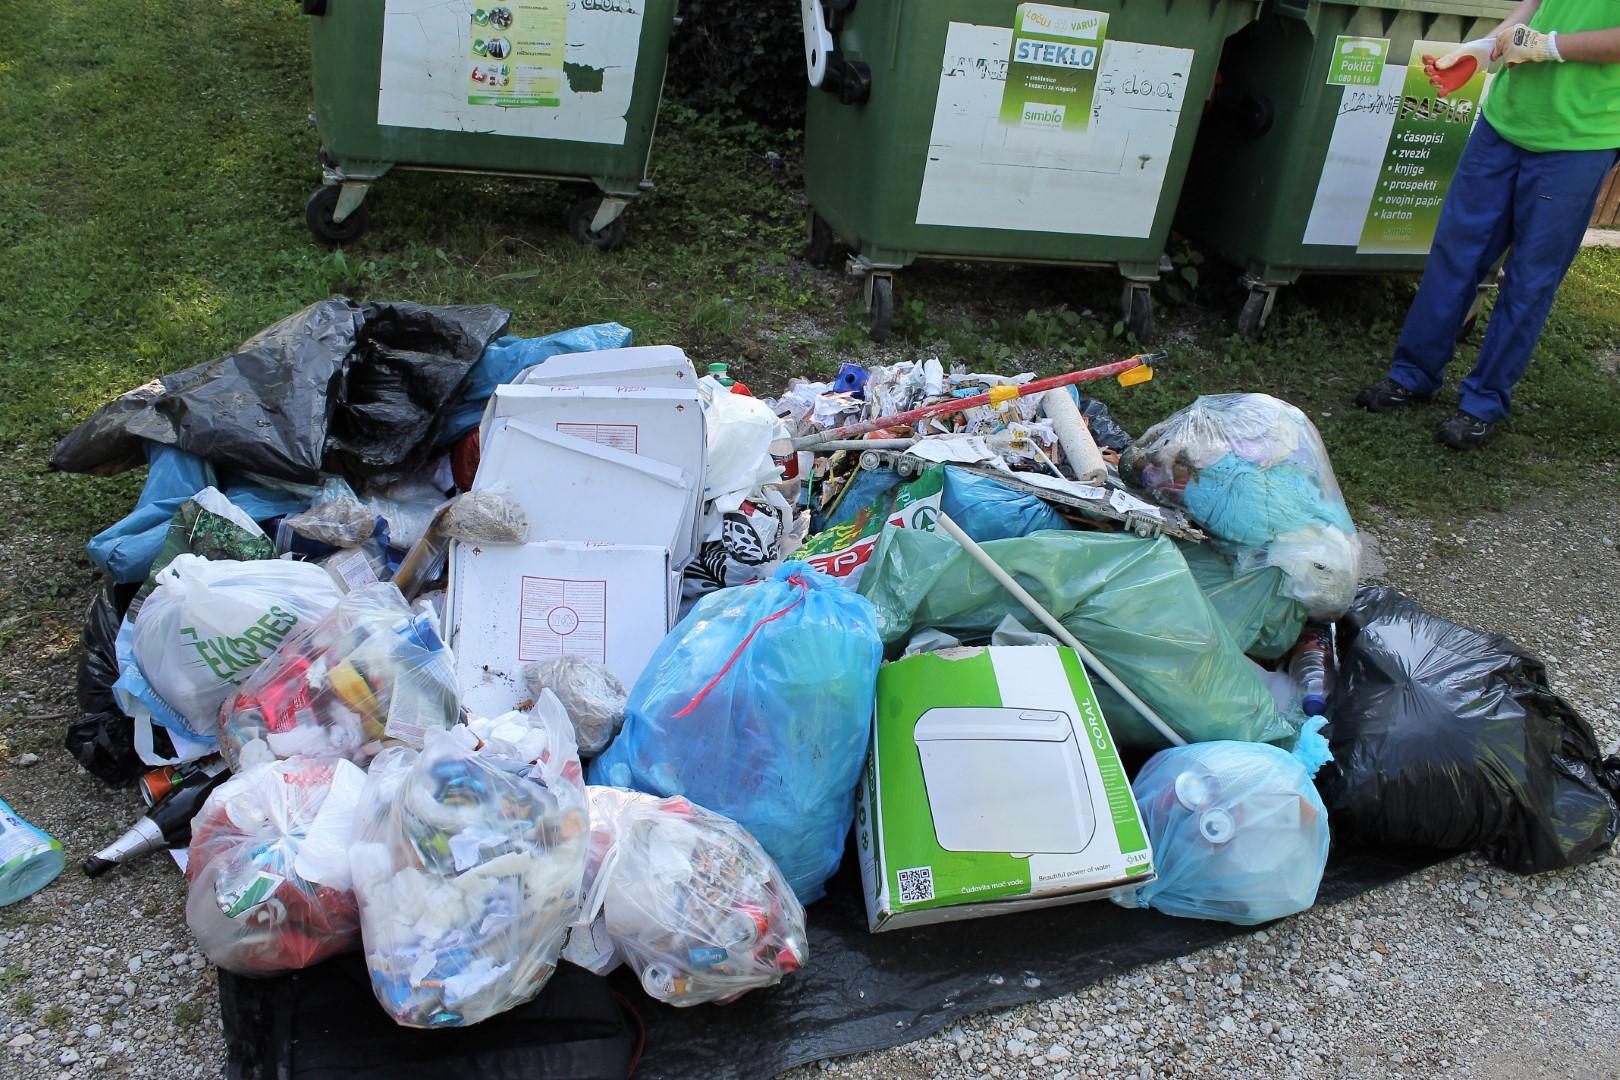 Skoraj vse vrste odpadkov iz zabojnika za embalažo.